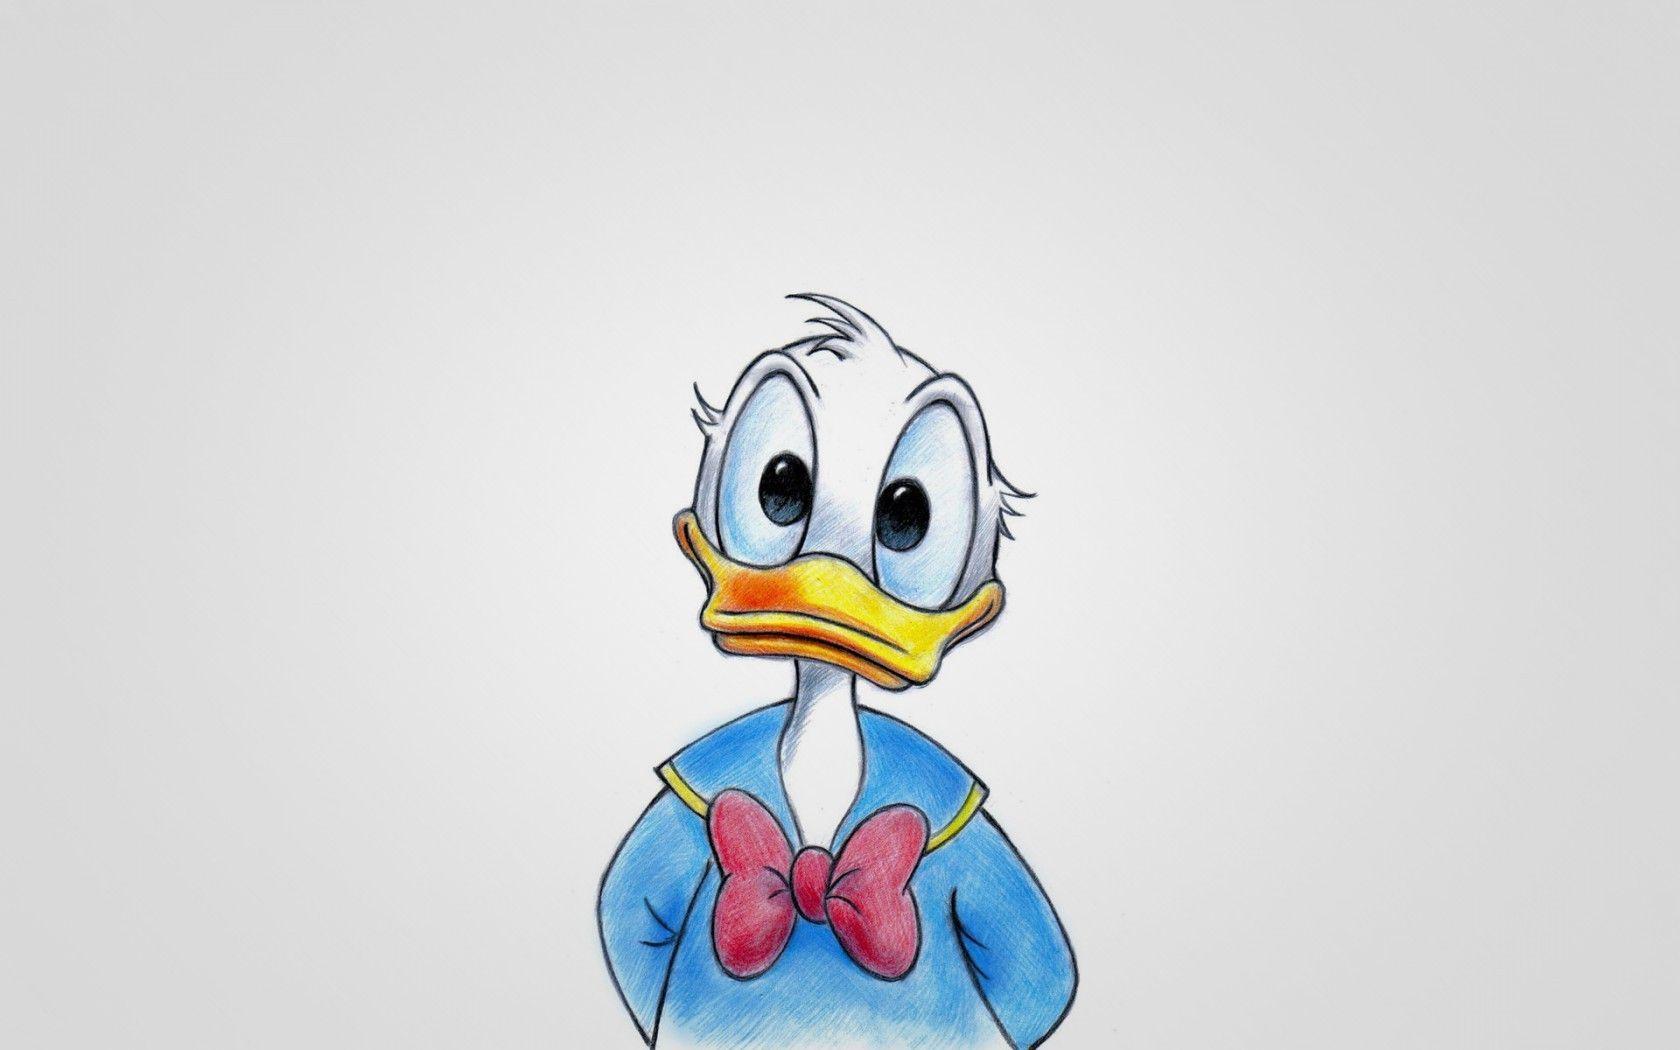 Donald Duck Wallpaper Hd ドナルドダック ドナルド イラスト かわいい